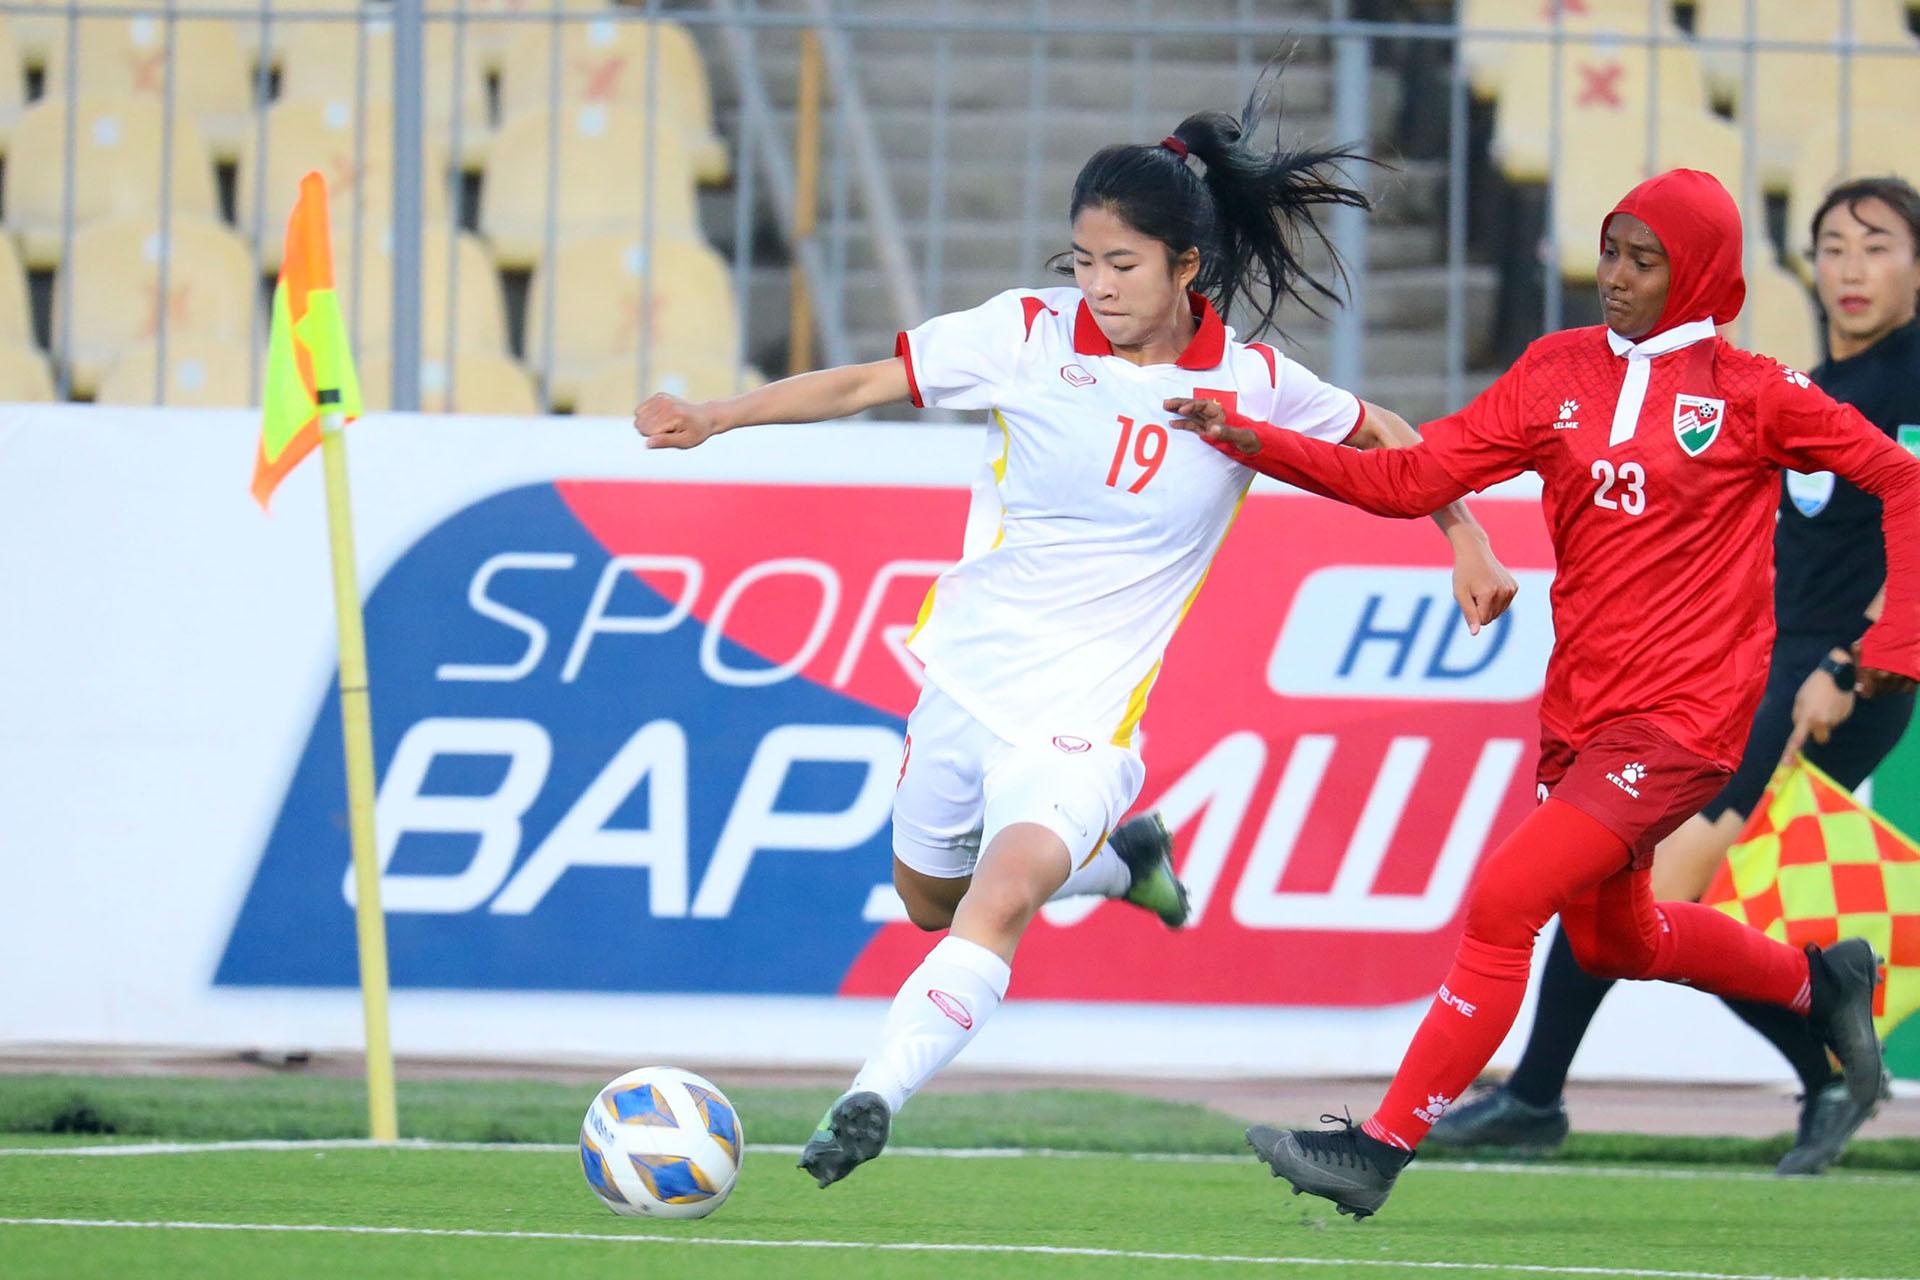 Đội tuyển nữ Việt Nam thắng 16-0 Maldives trong ngày ra quân -0